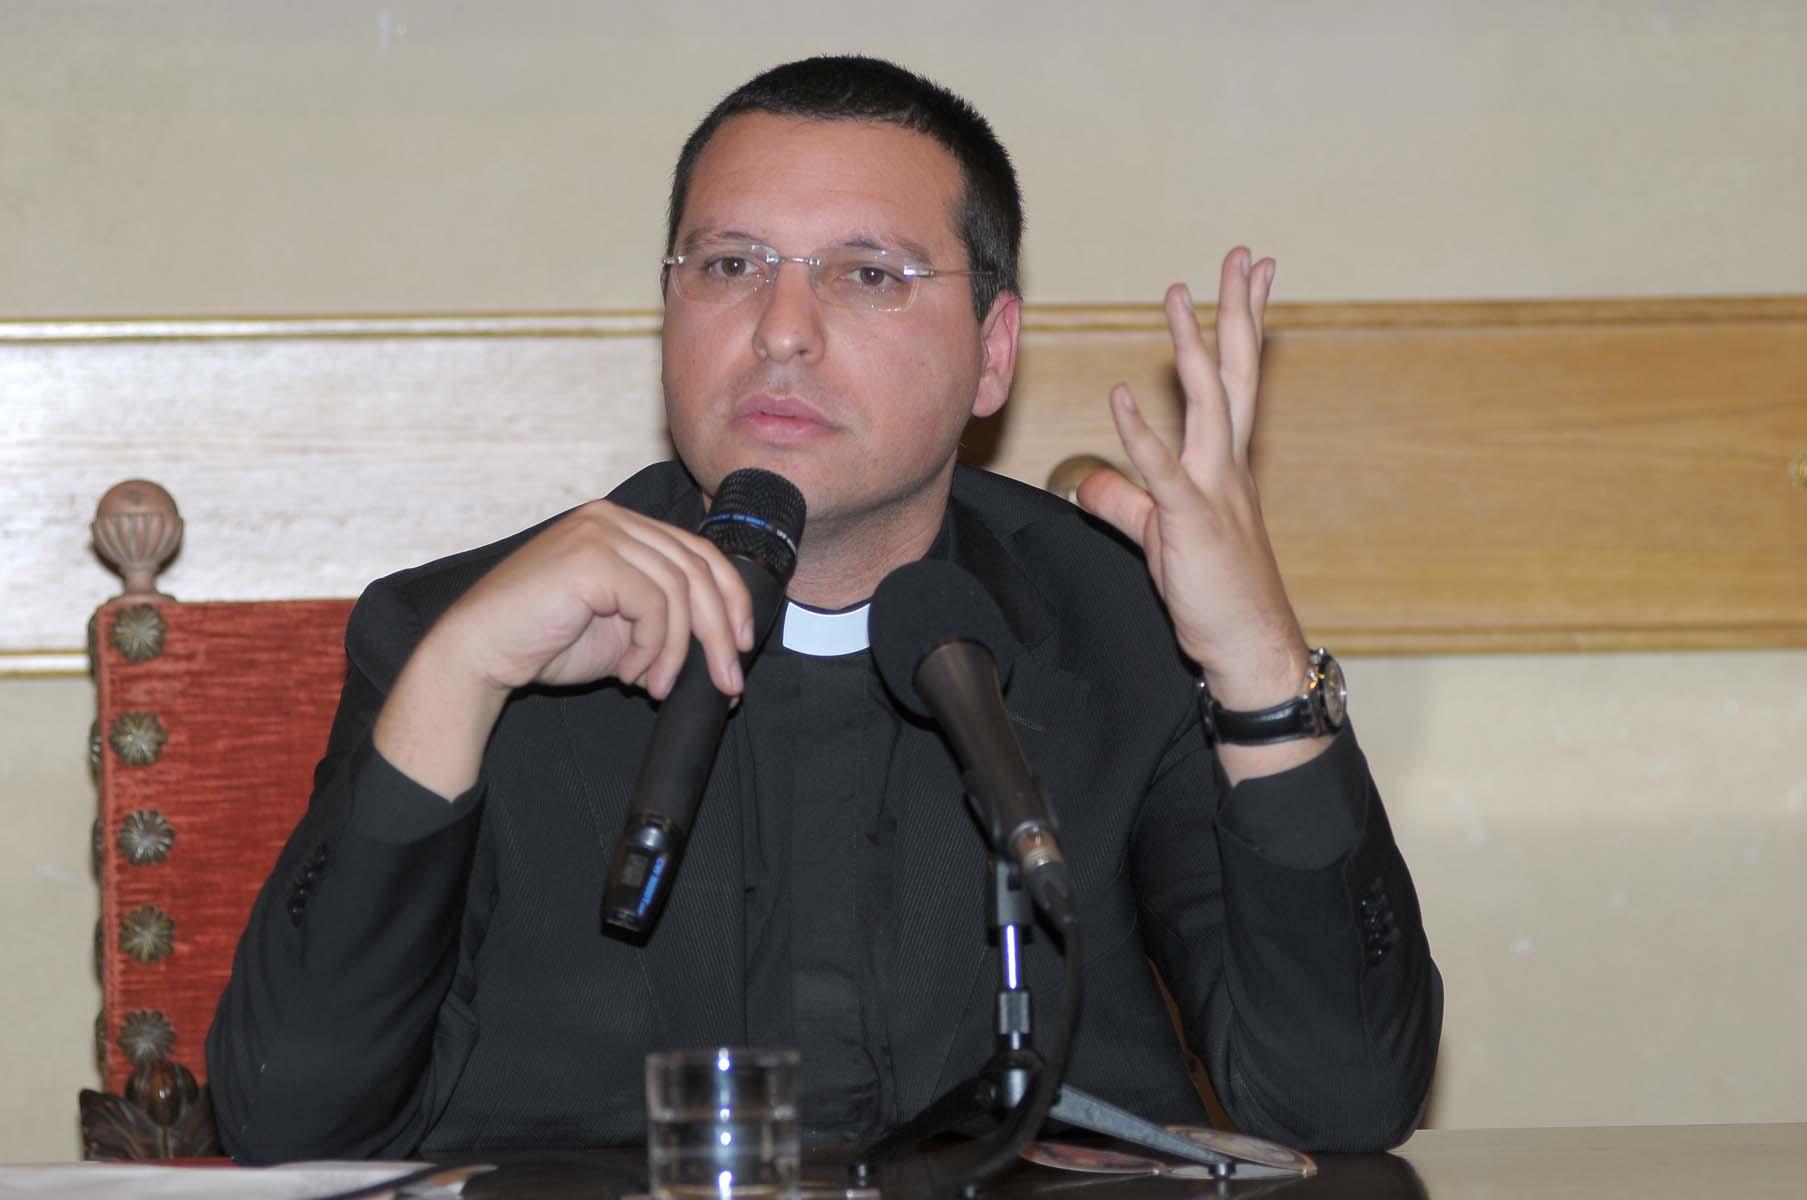 Don Merola show: dalla politica all'intrattenimento, tutte le dichiarazioni al vetriolo dell'ex parroco di Forcella